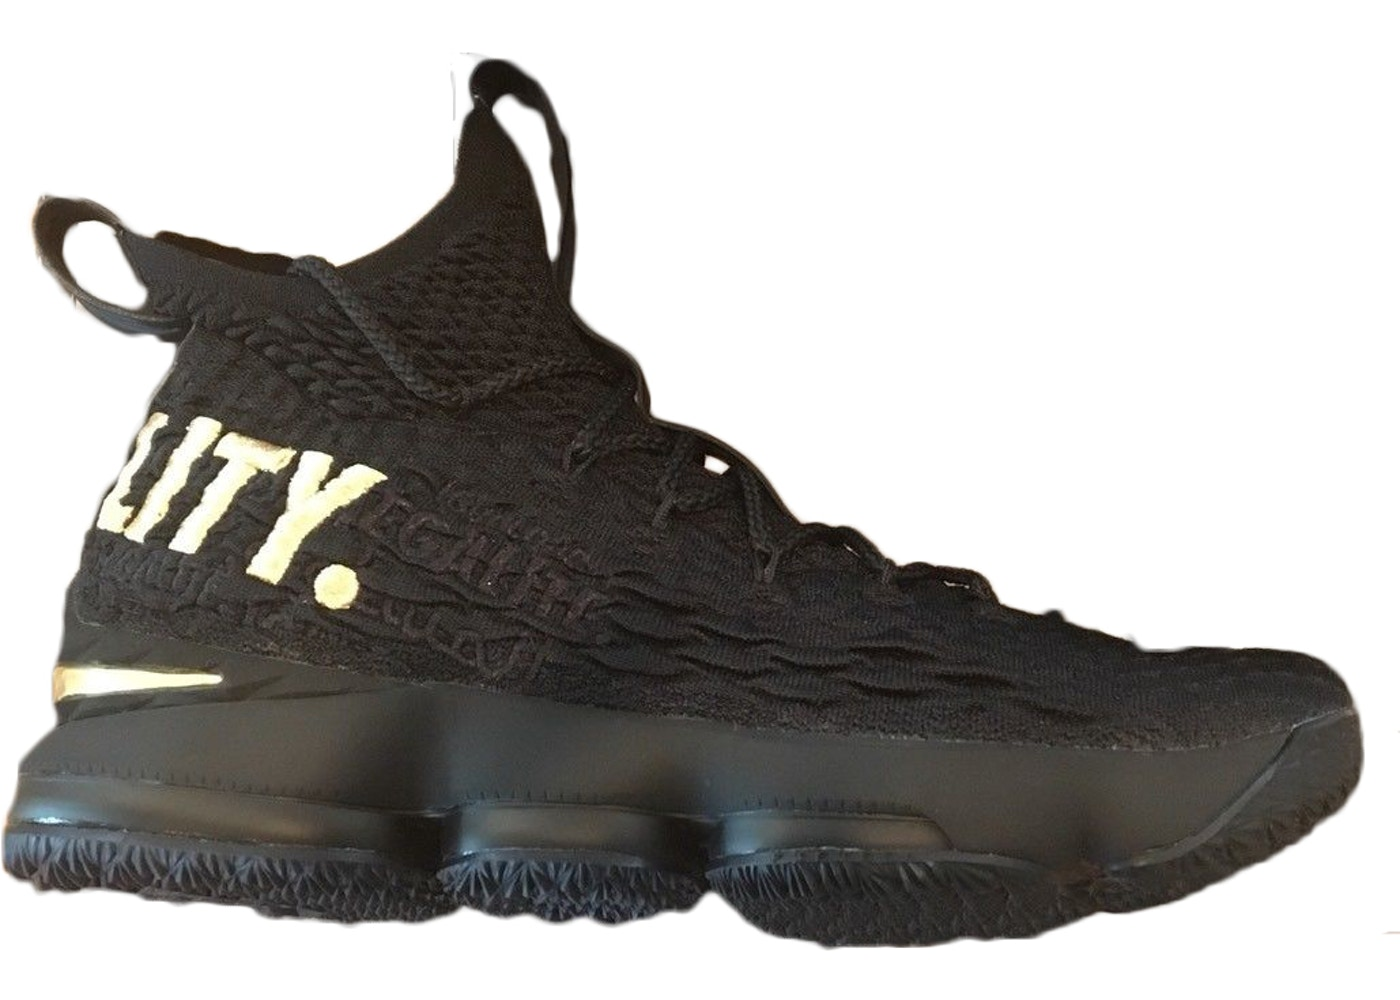 764328a4e7108 Nike LeBron 15